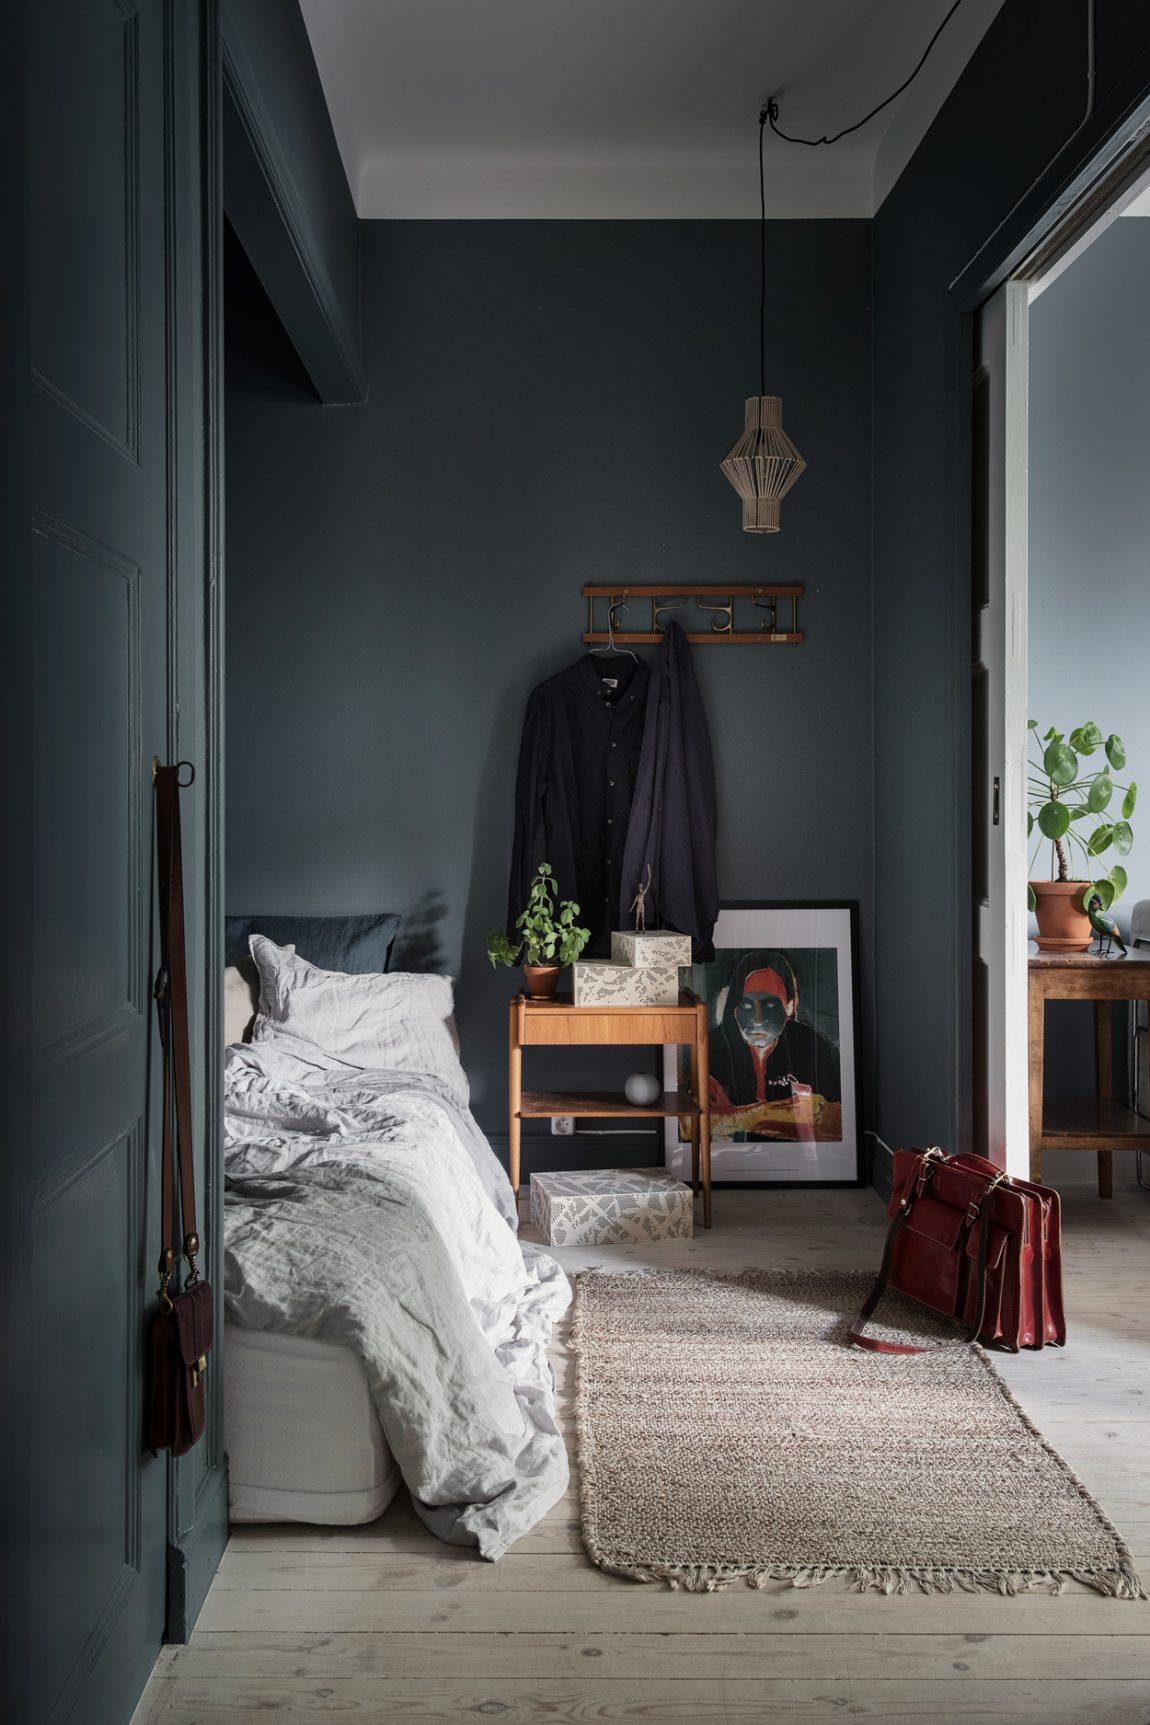 Deze mooie slaapkamer zit verschuild achter prachtige